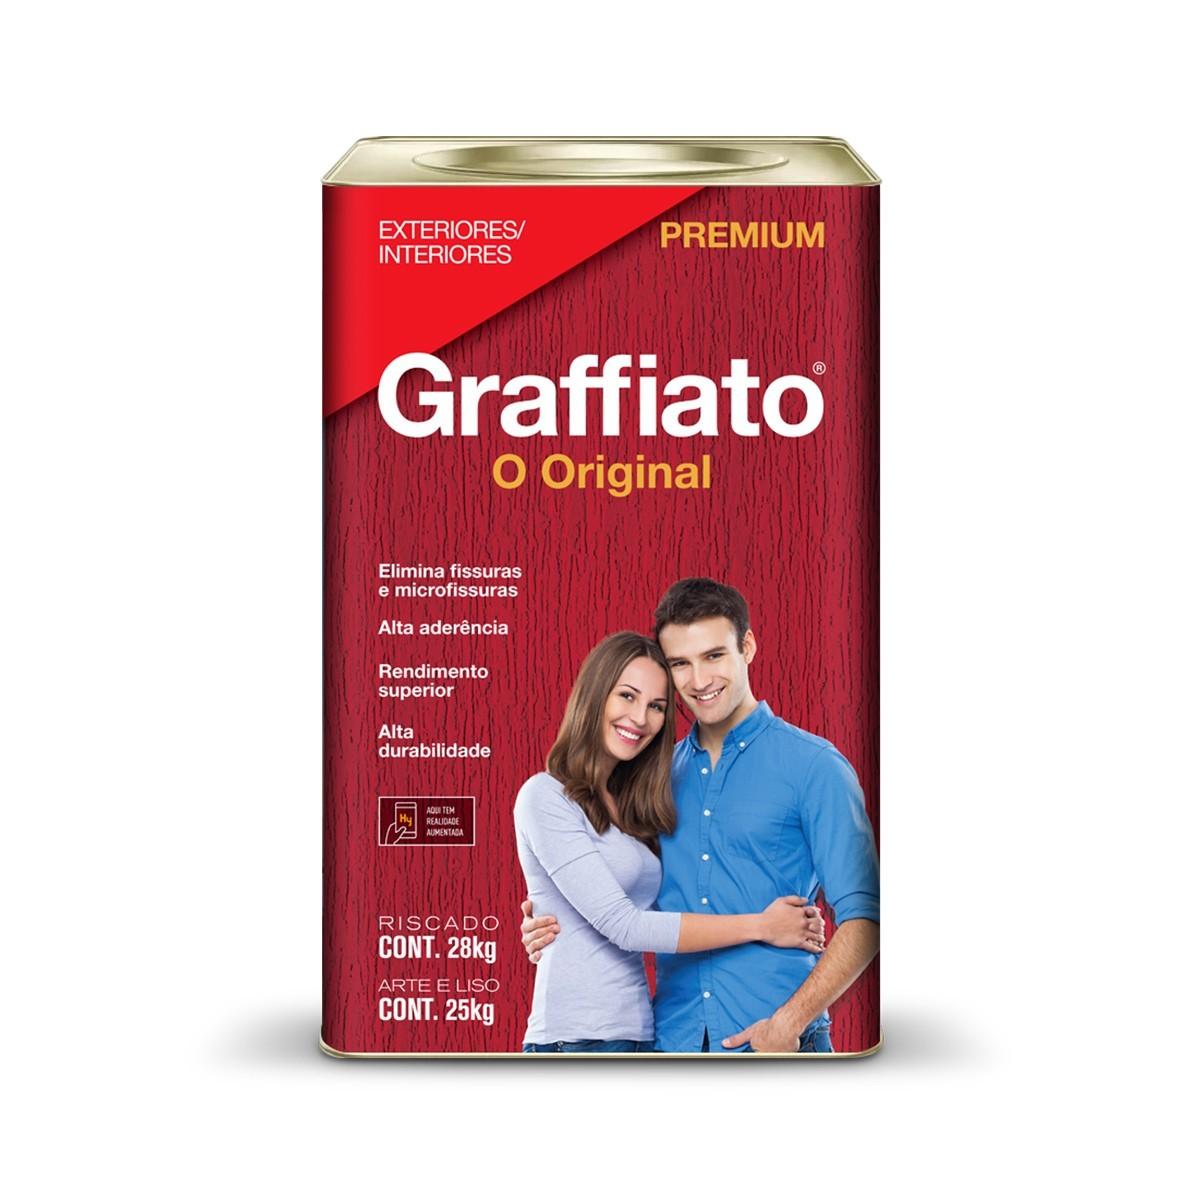 Textura Riscado Premium 280Kg - Marfim - Graffiato Hydronorth